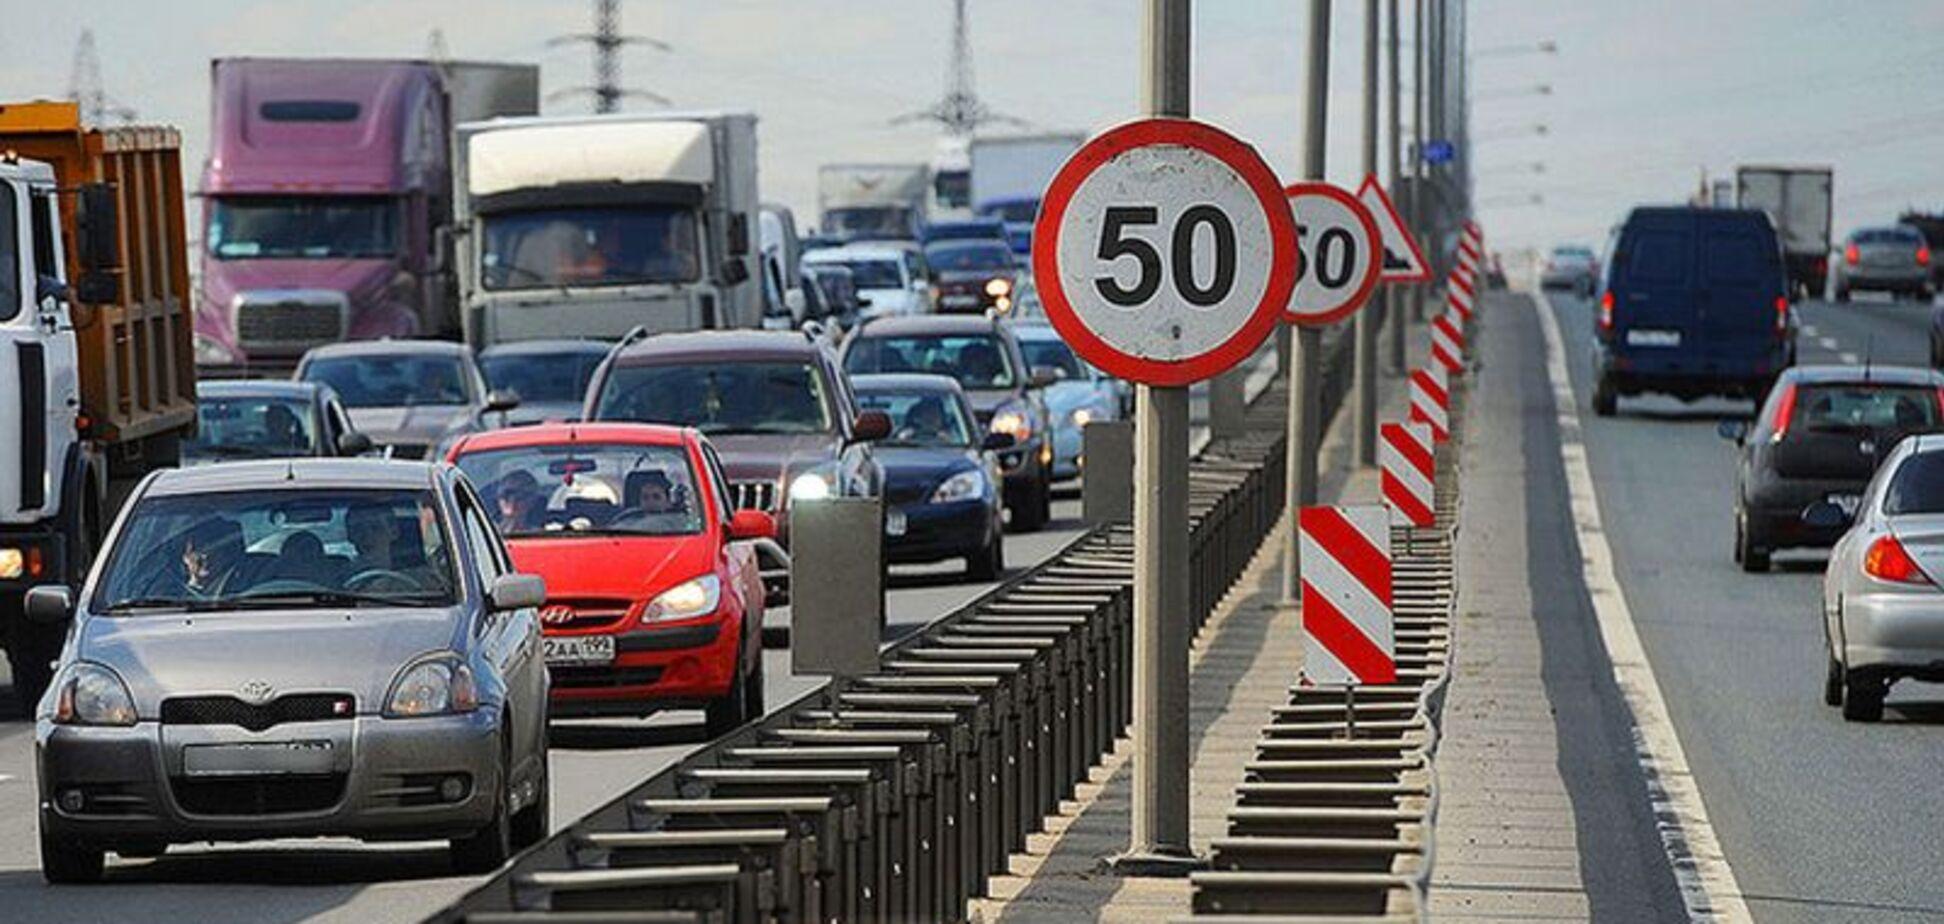 50 вместо 60: появилось важное уточнение по ограничению скорости в городах